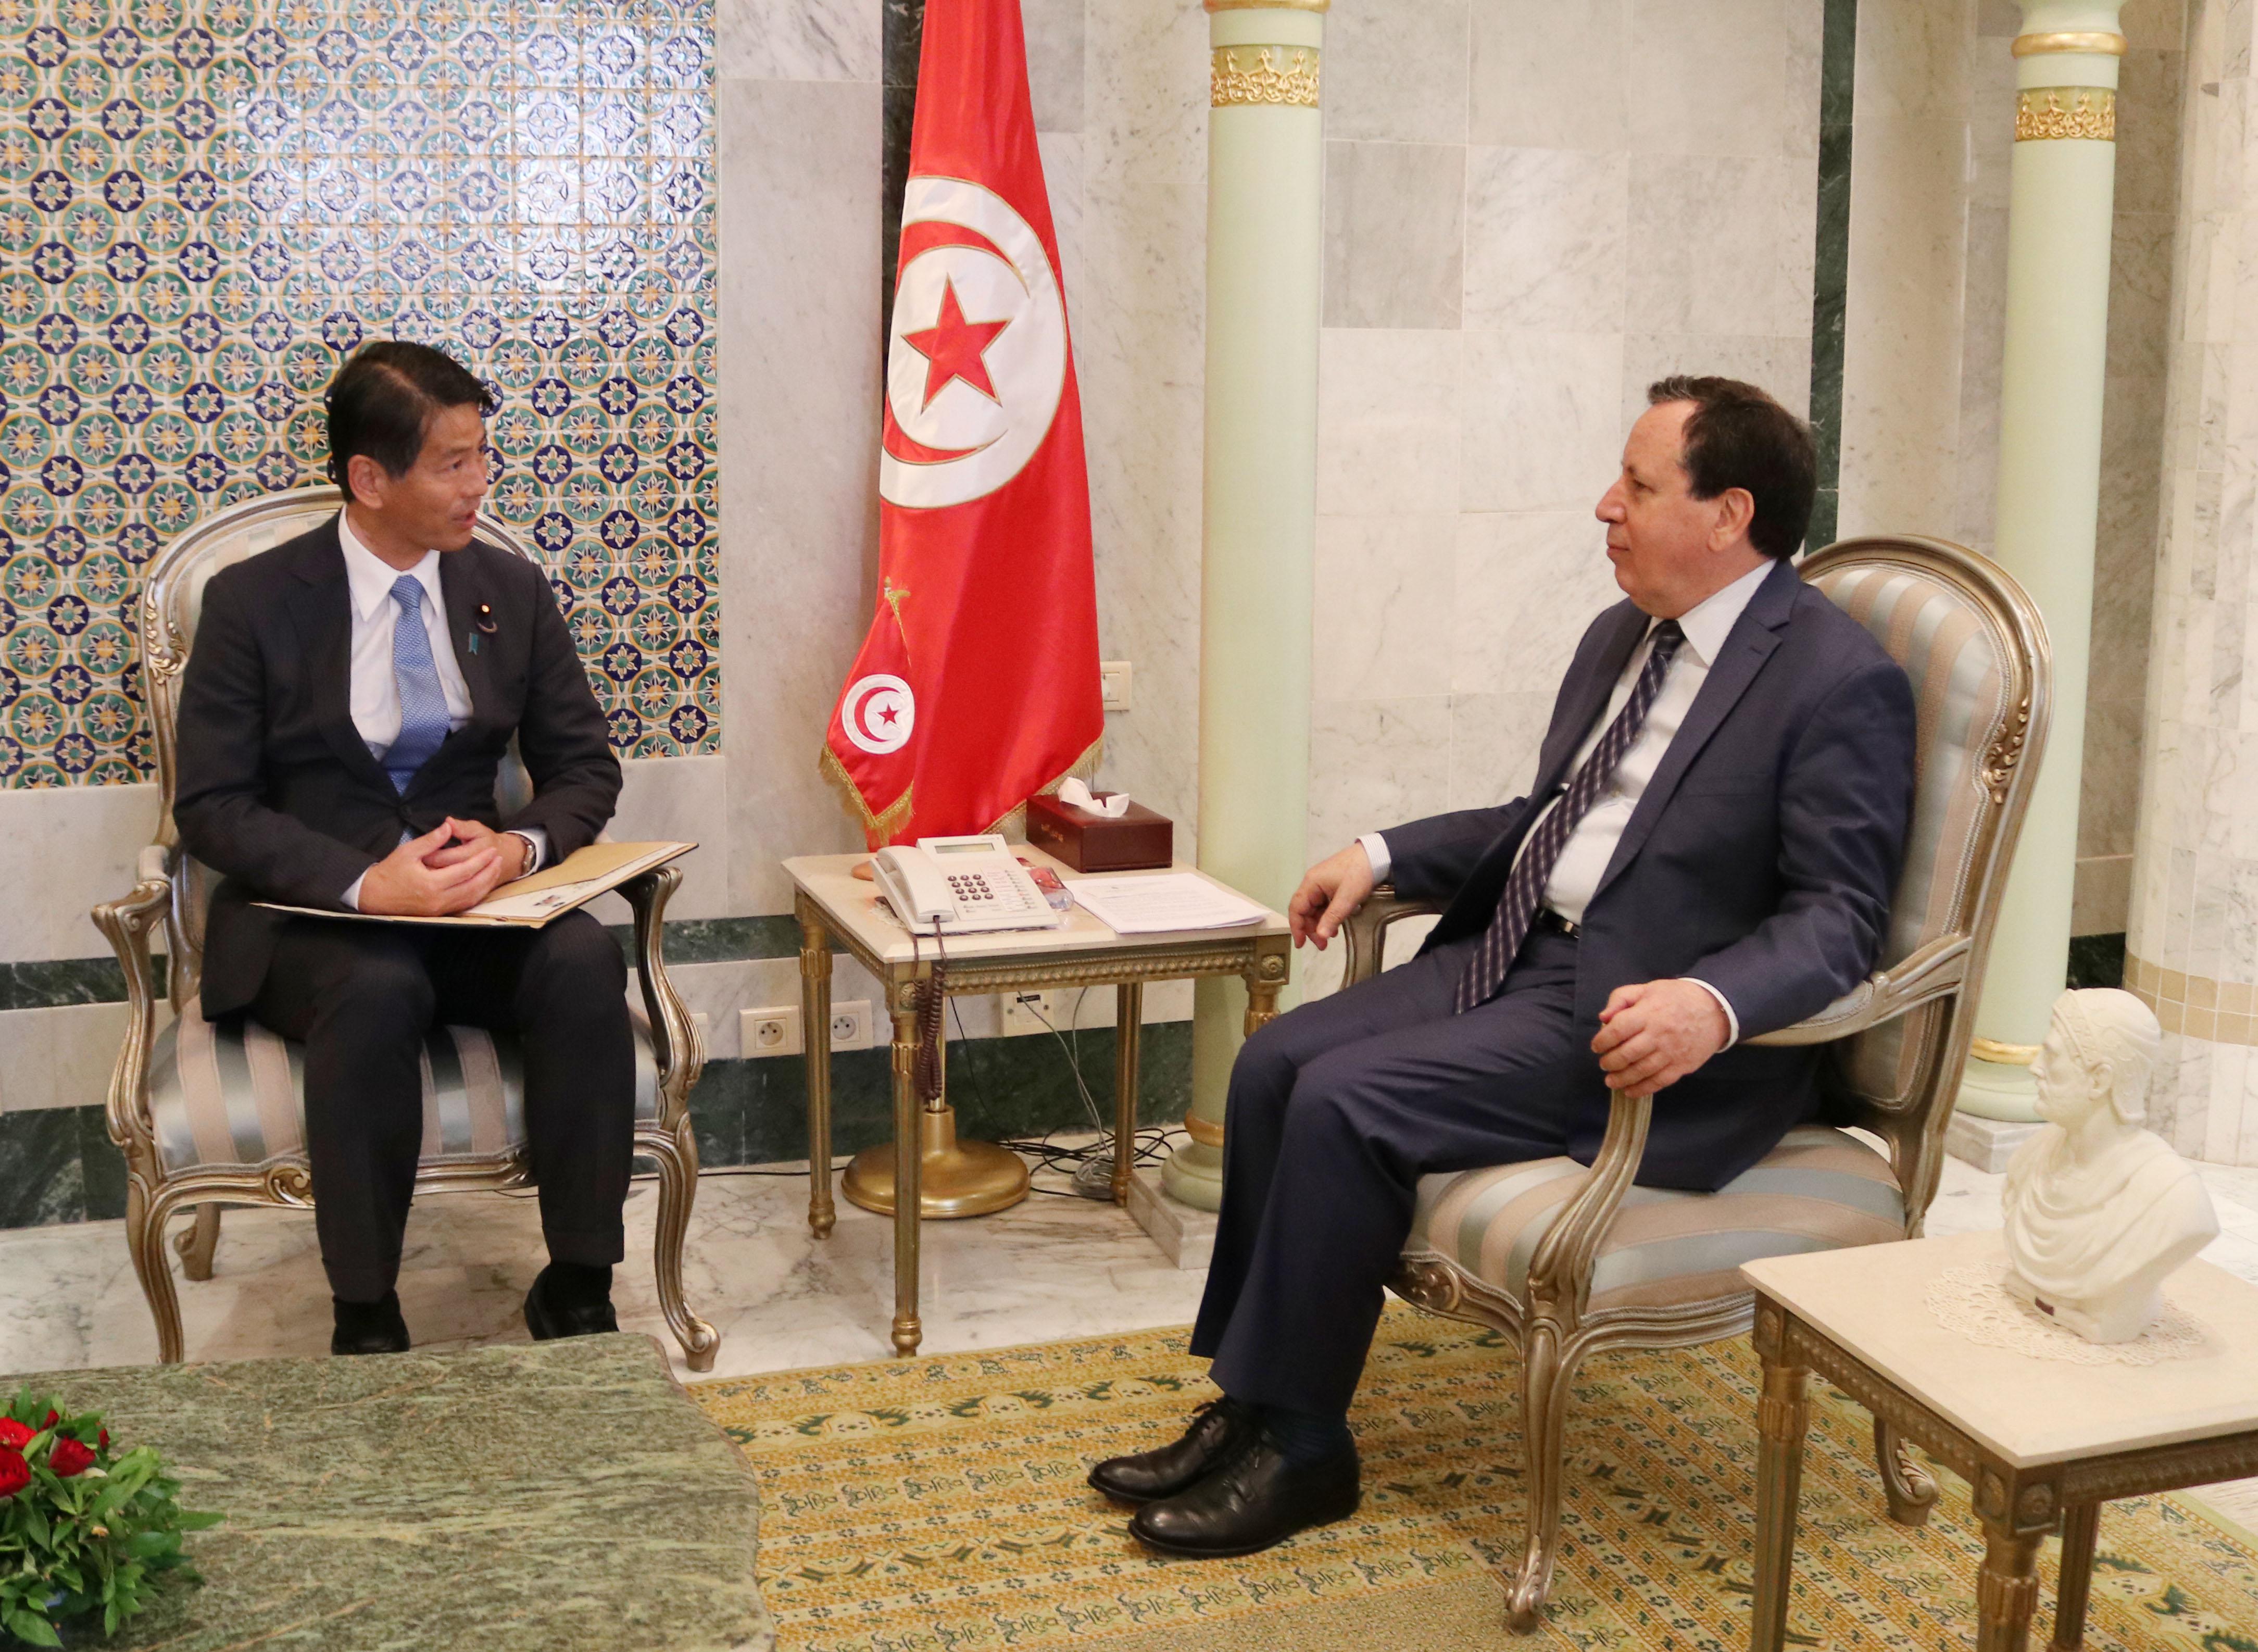 تطوير العلاقات التونسية اليابانية محور لقاء وزير الشؤون الخارجية بكاتب الدولة الياباني للشؤون الخارجية: